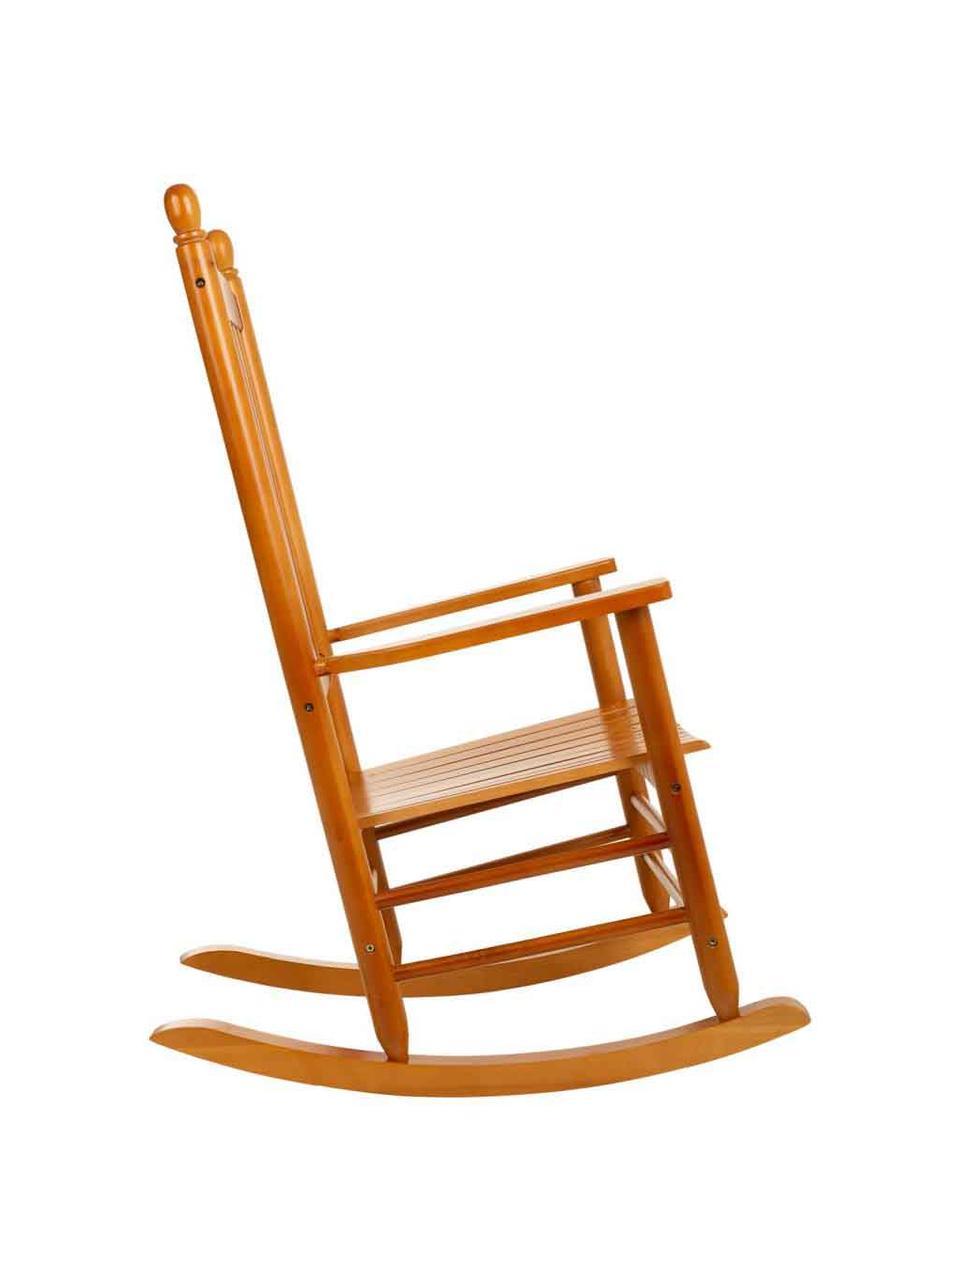 Sedia a dondolo in legno Pedro, Legno di pioppo, Marrone, Larg. 87 x Alt. 69 cm